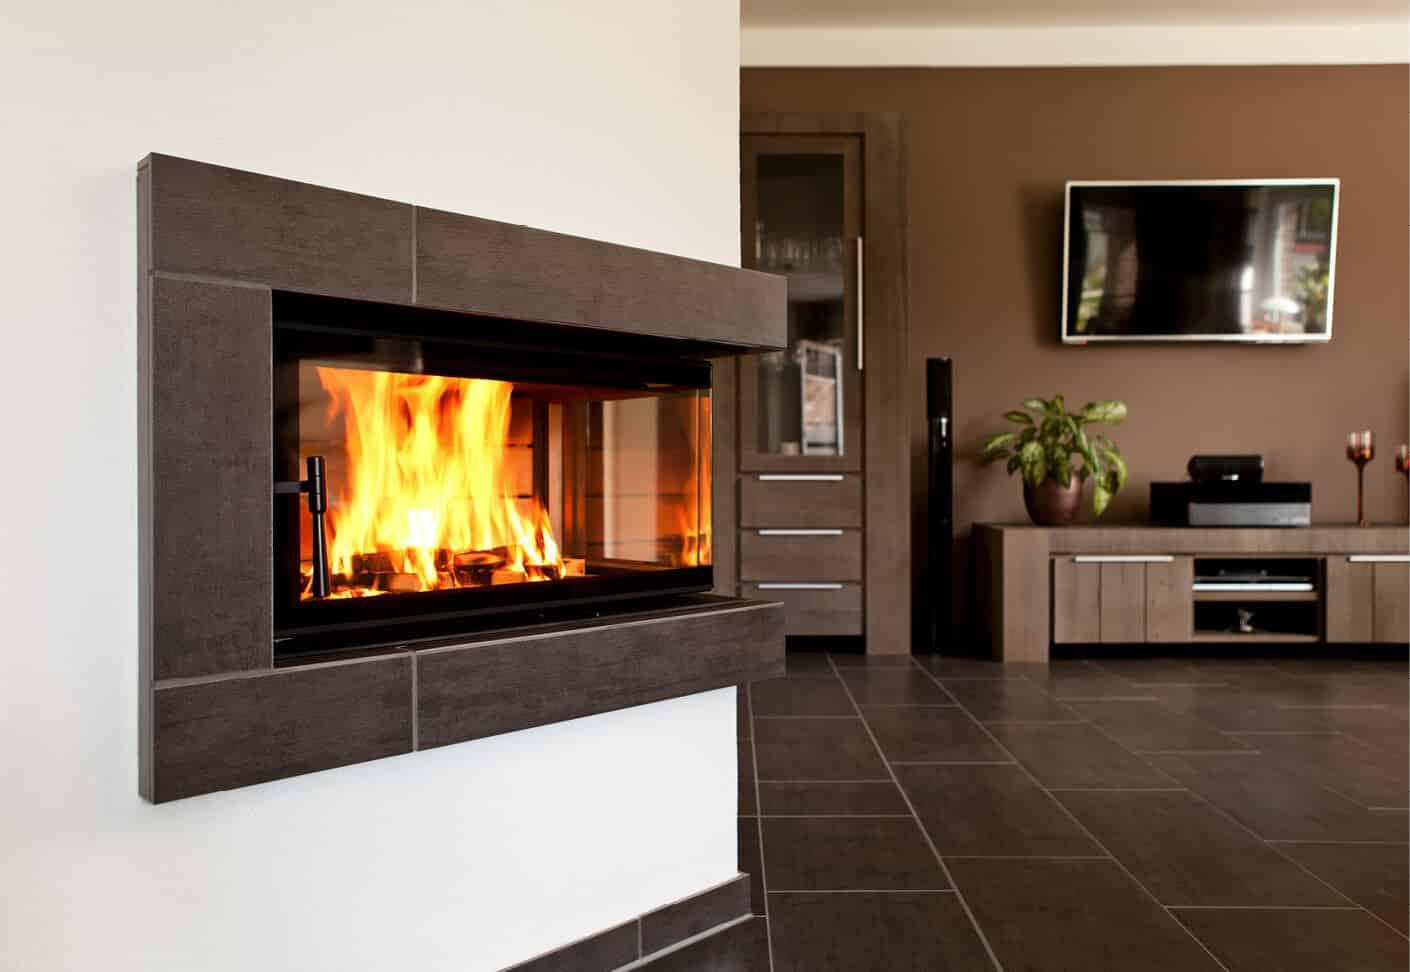 In einem Ofen brennt Feuer, dahinter ist ein Wohnzimmer